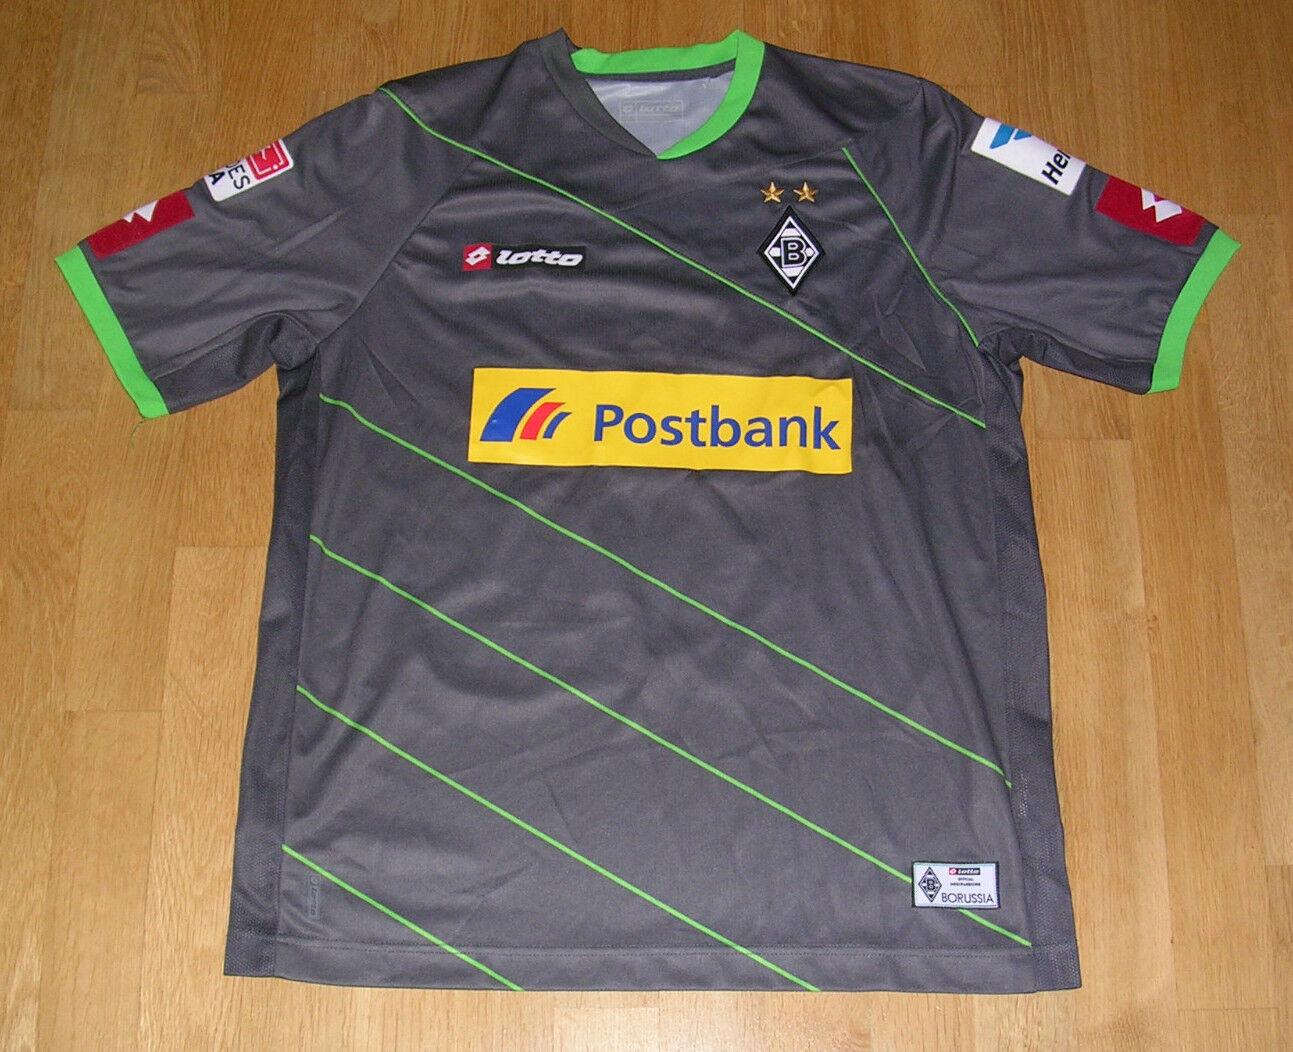 Borussia Trikot Mönchengladbach Lotto Gr. M Trikot Borussia Postbank De Camargo 10 Fohlenelf VFL b4edf7